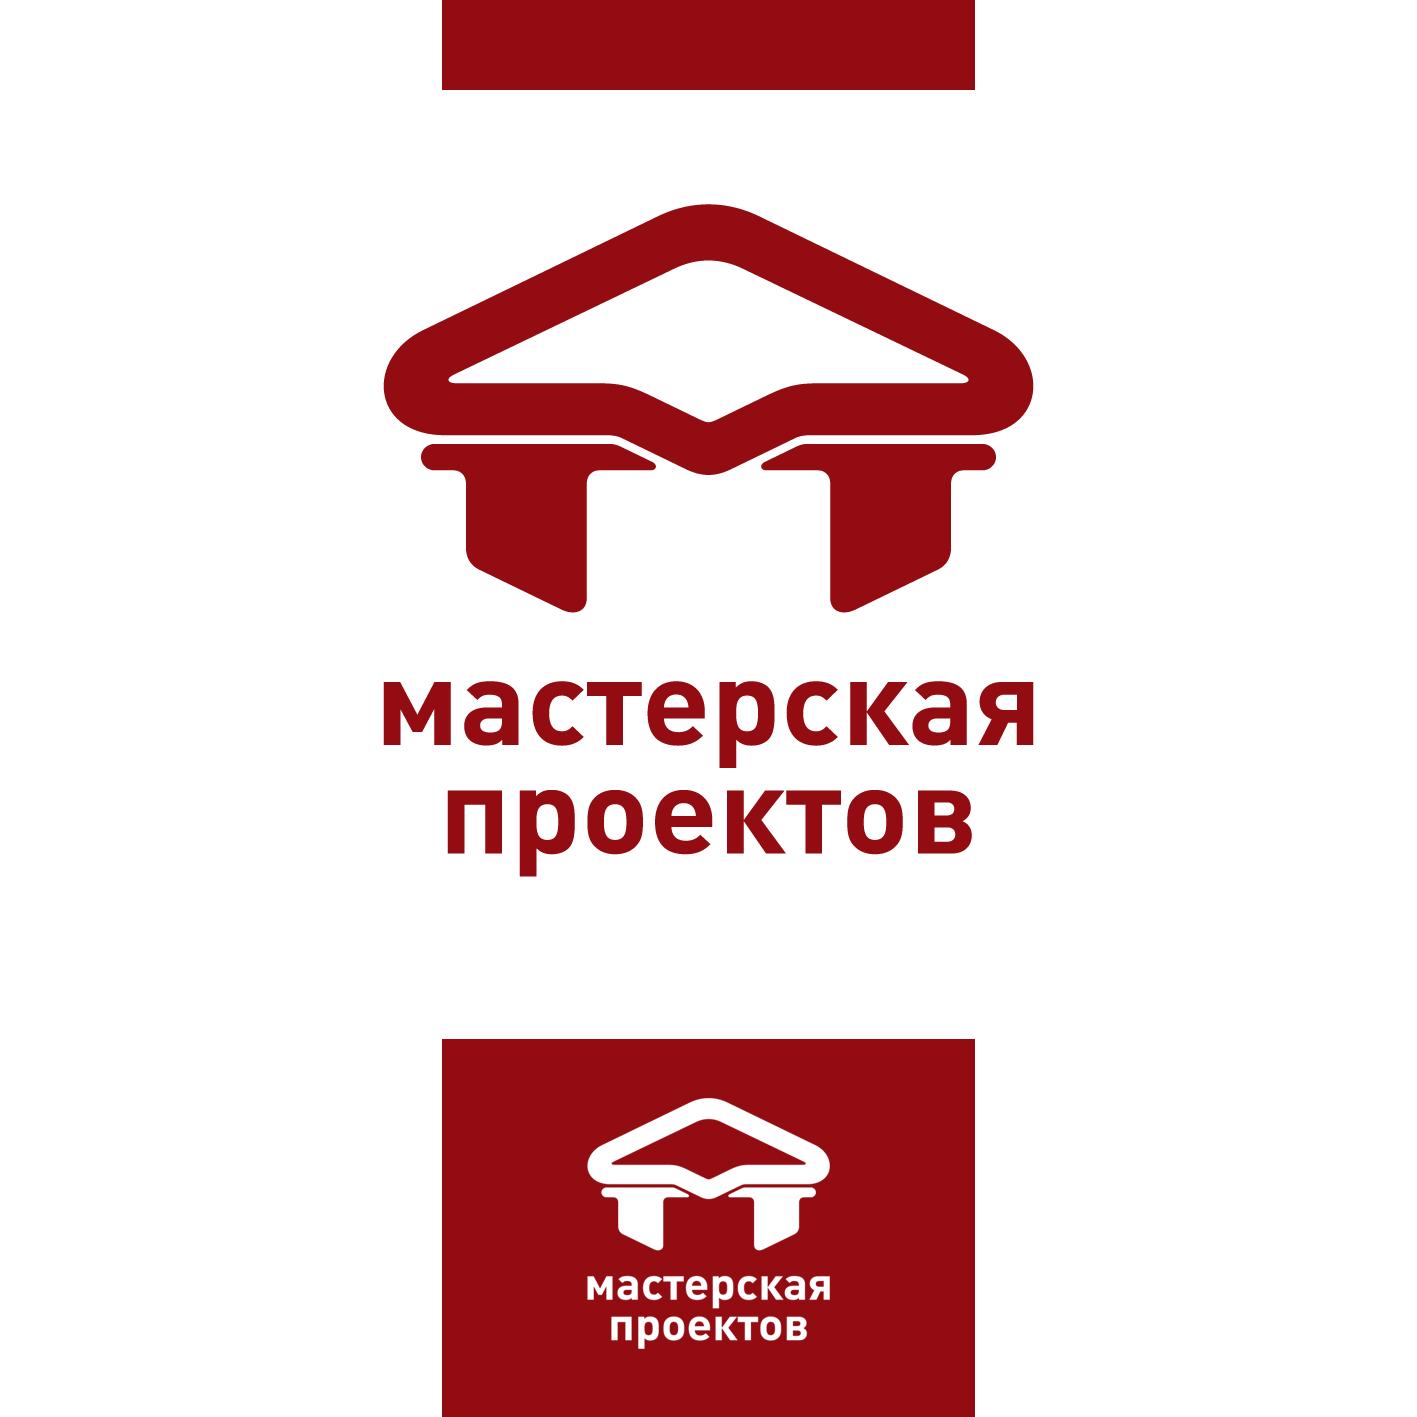 Разработка логотипа строительно-мебельного проекта (см. опис фото f_862606c8f1925170.png